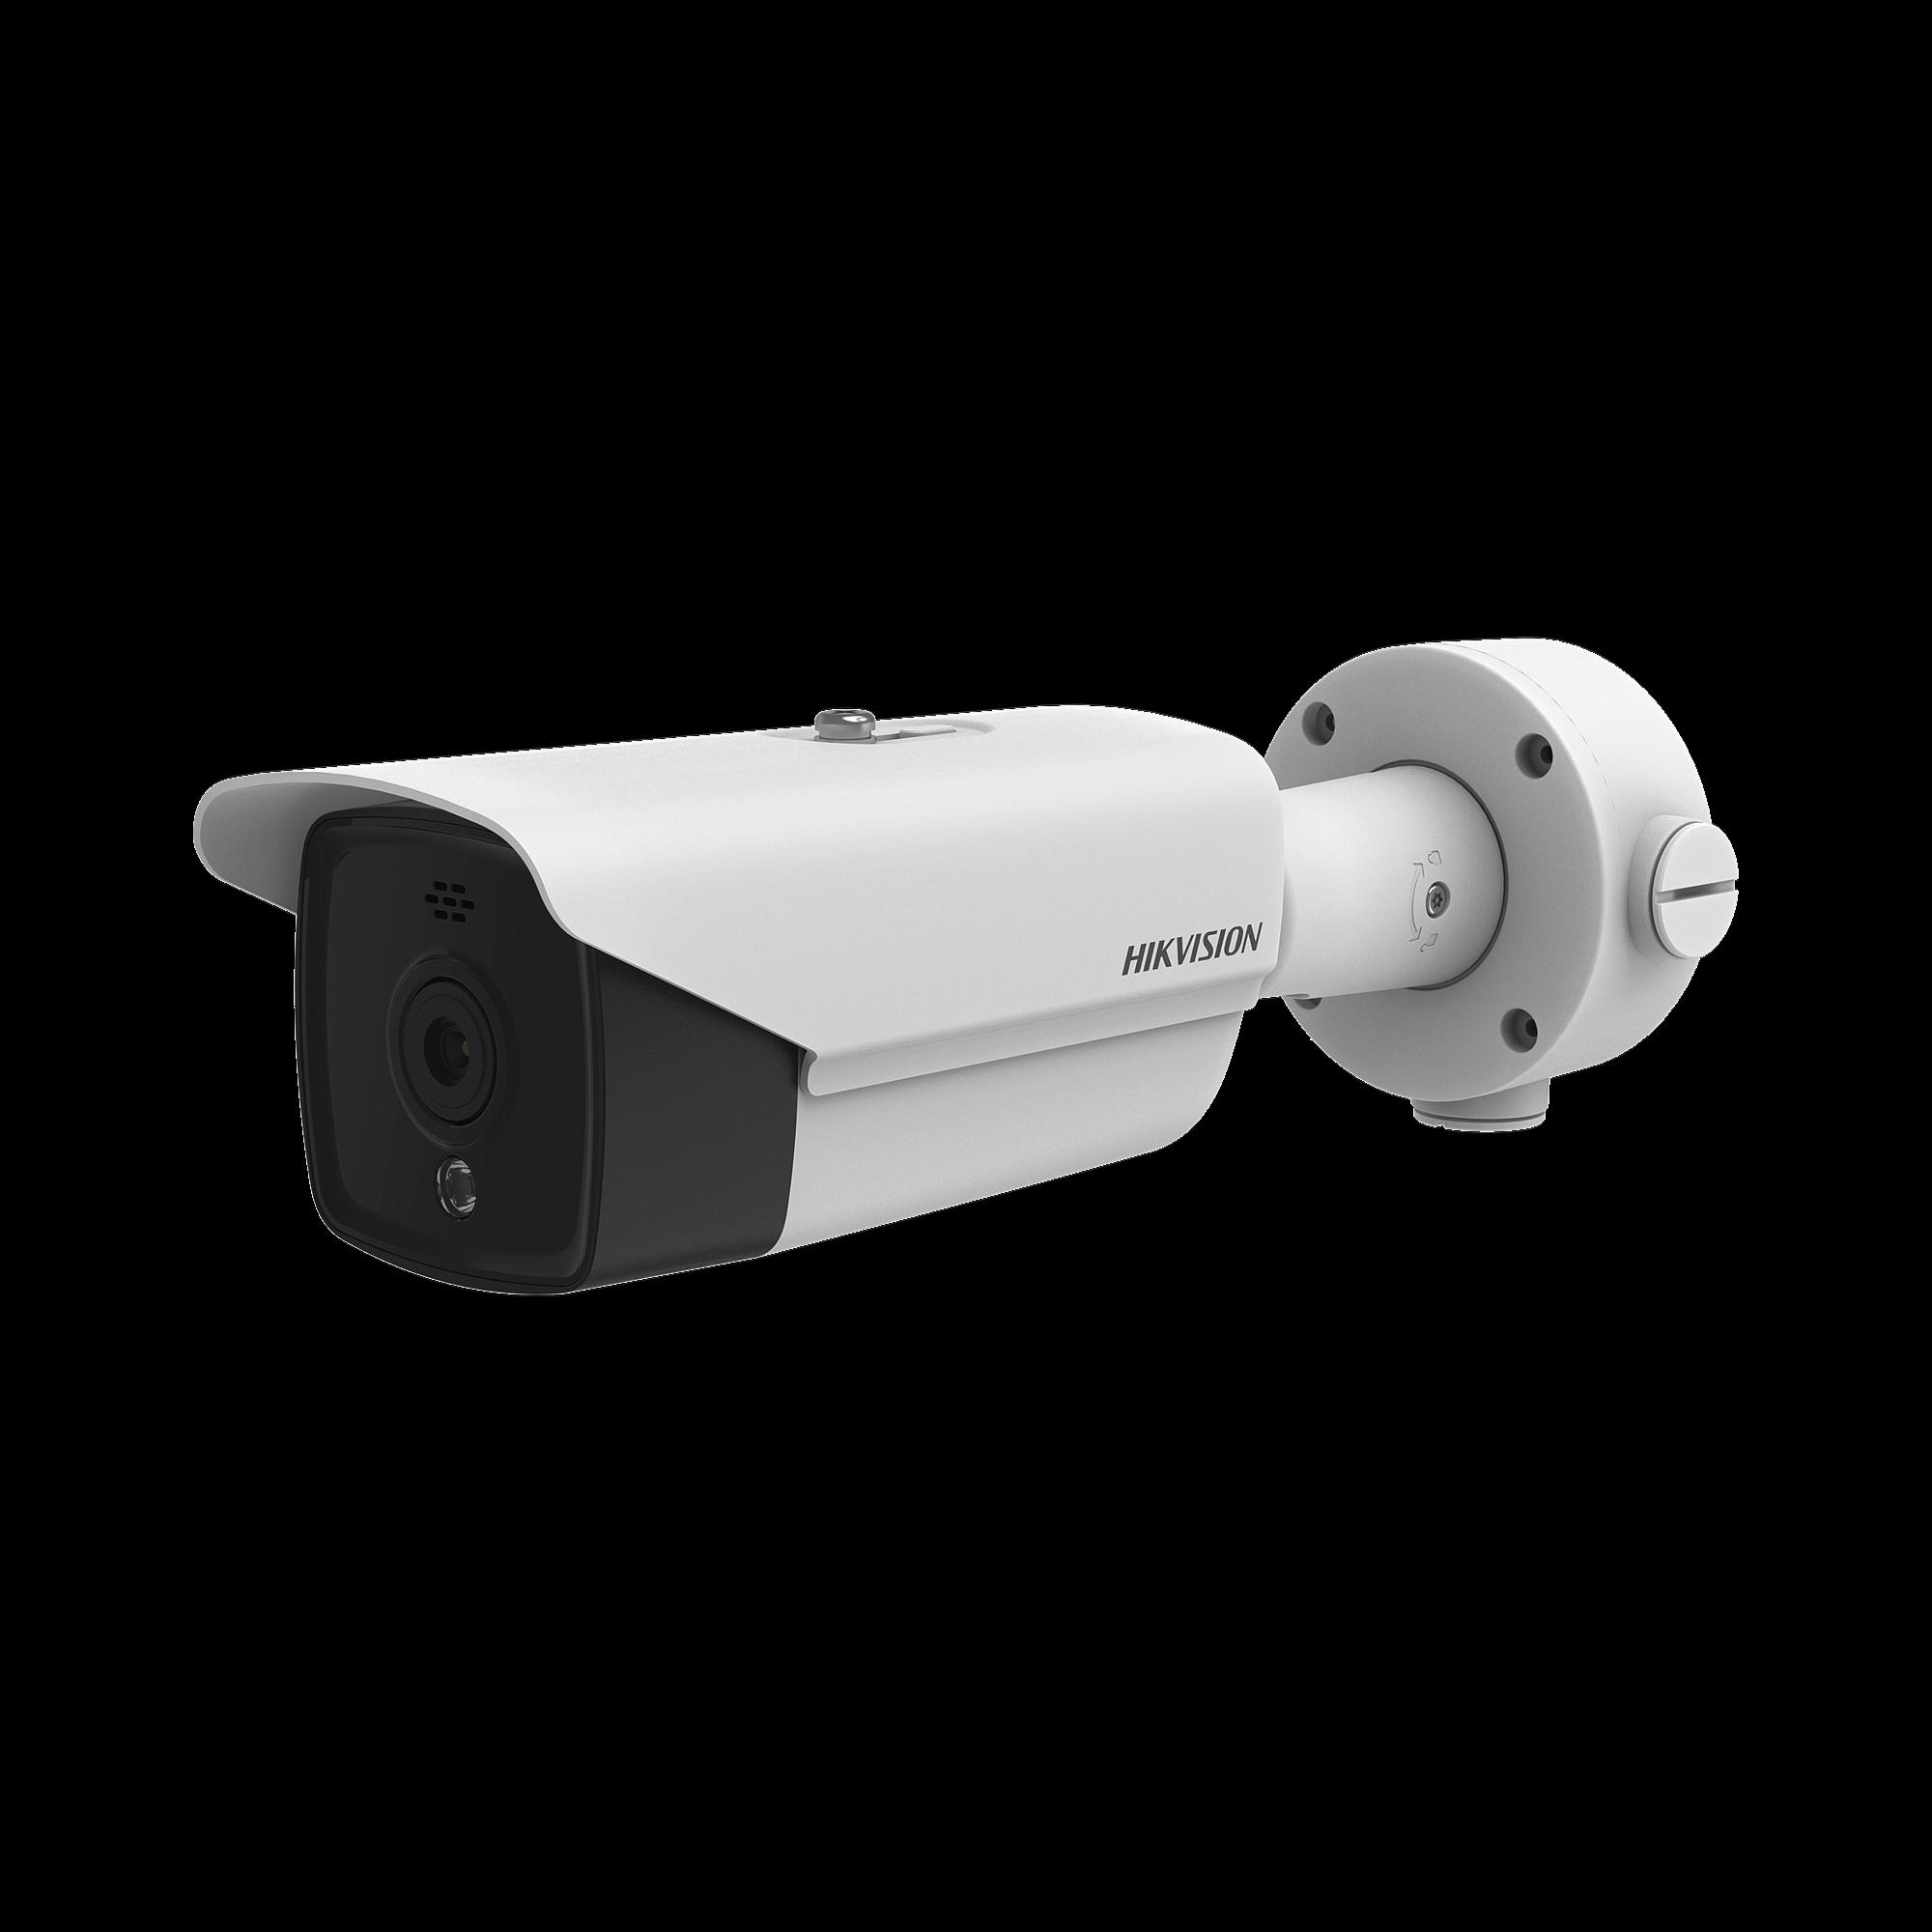 Bala IP Termica 320 X 240 / Lente 3.1 mm / Termometrica / Deteccion de Temperatura / PoE / IP66 / Sirena y Luz Intermitente Integrada